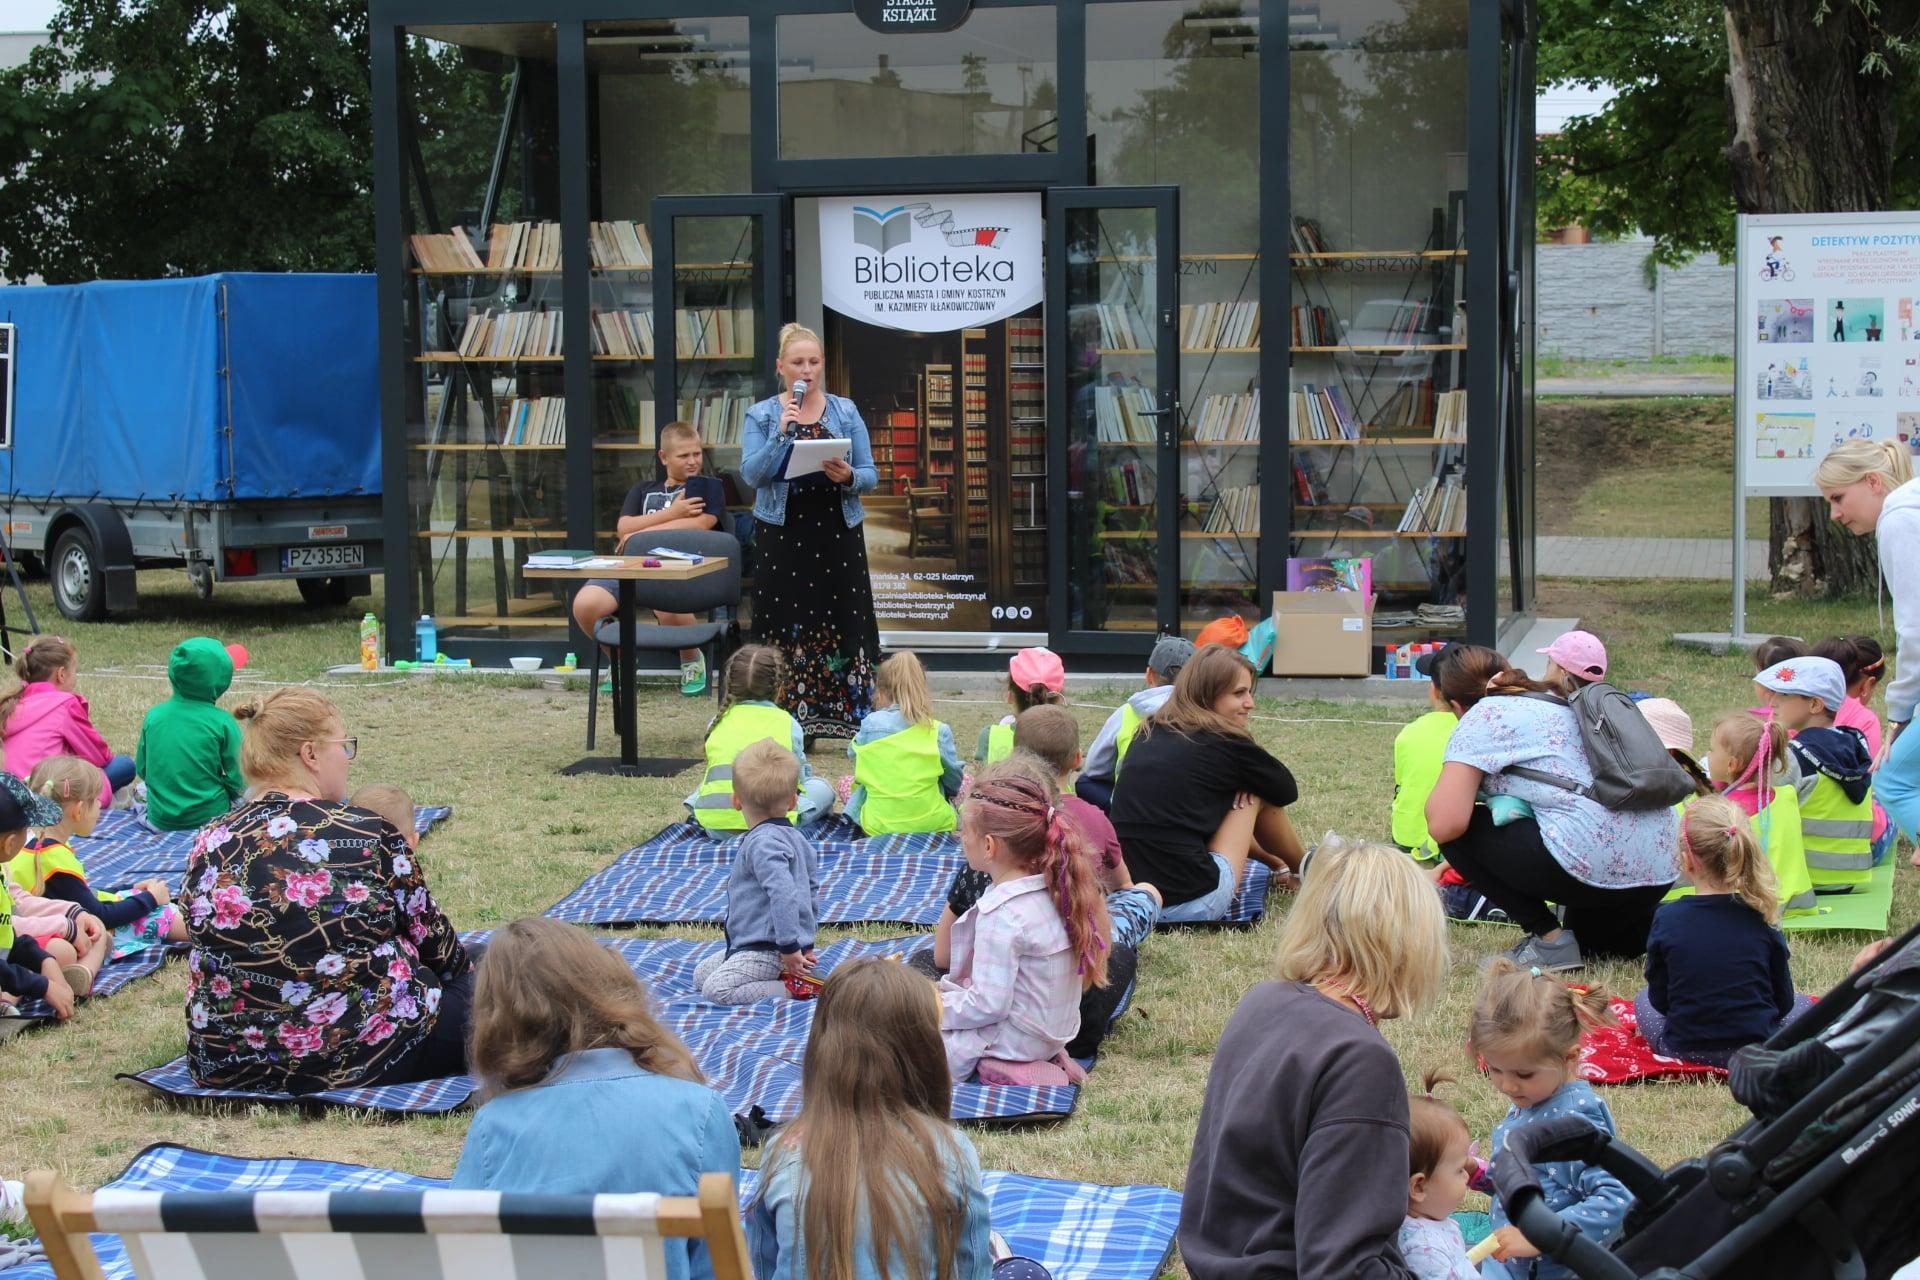 Bibliotekarka czyta dzieciom bajkę podczas drugiego Literackiego czwartku